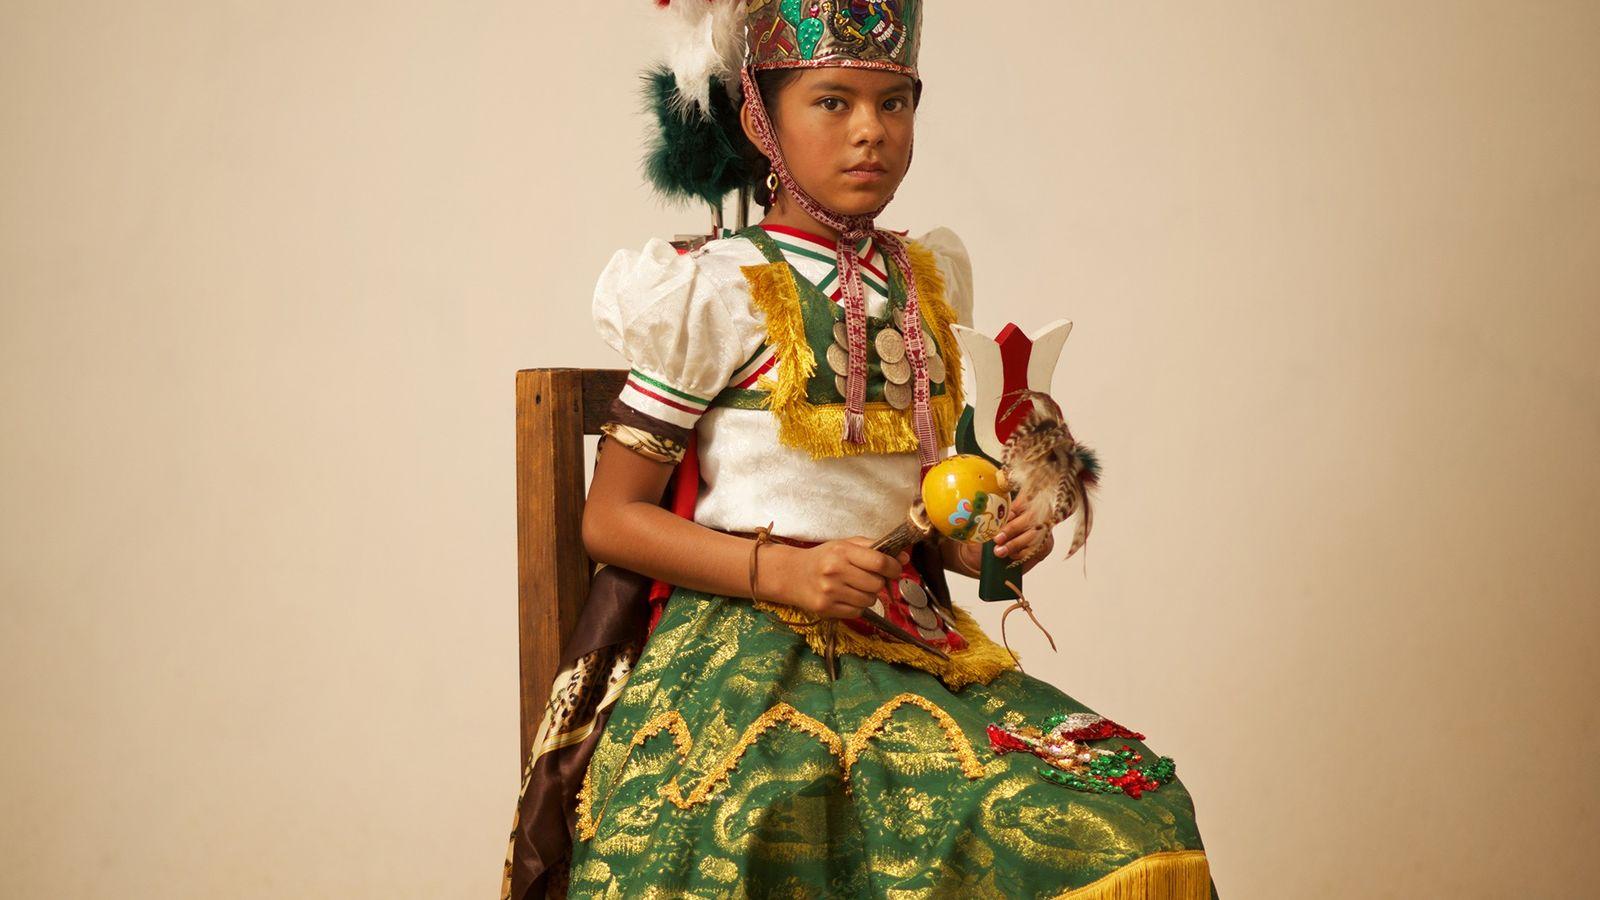 Cette petite fille incarne Malinche, une figure historique ayant aidé les Espagnols à communiquer avec les ...